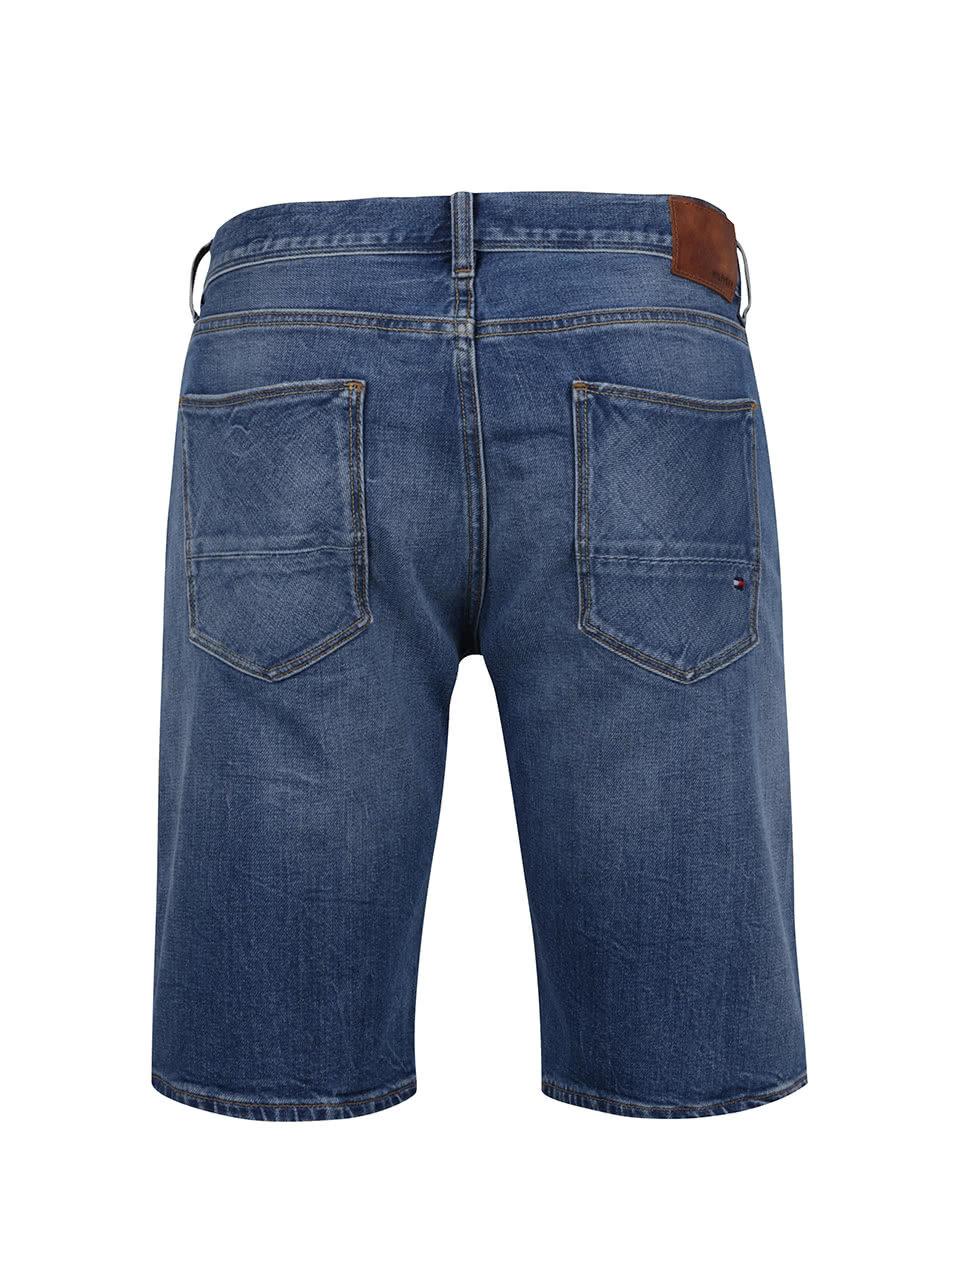 a0322811ed Modré pánské džínové kraťasy Tommy Hilfiger ...